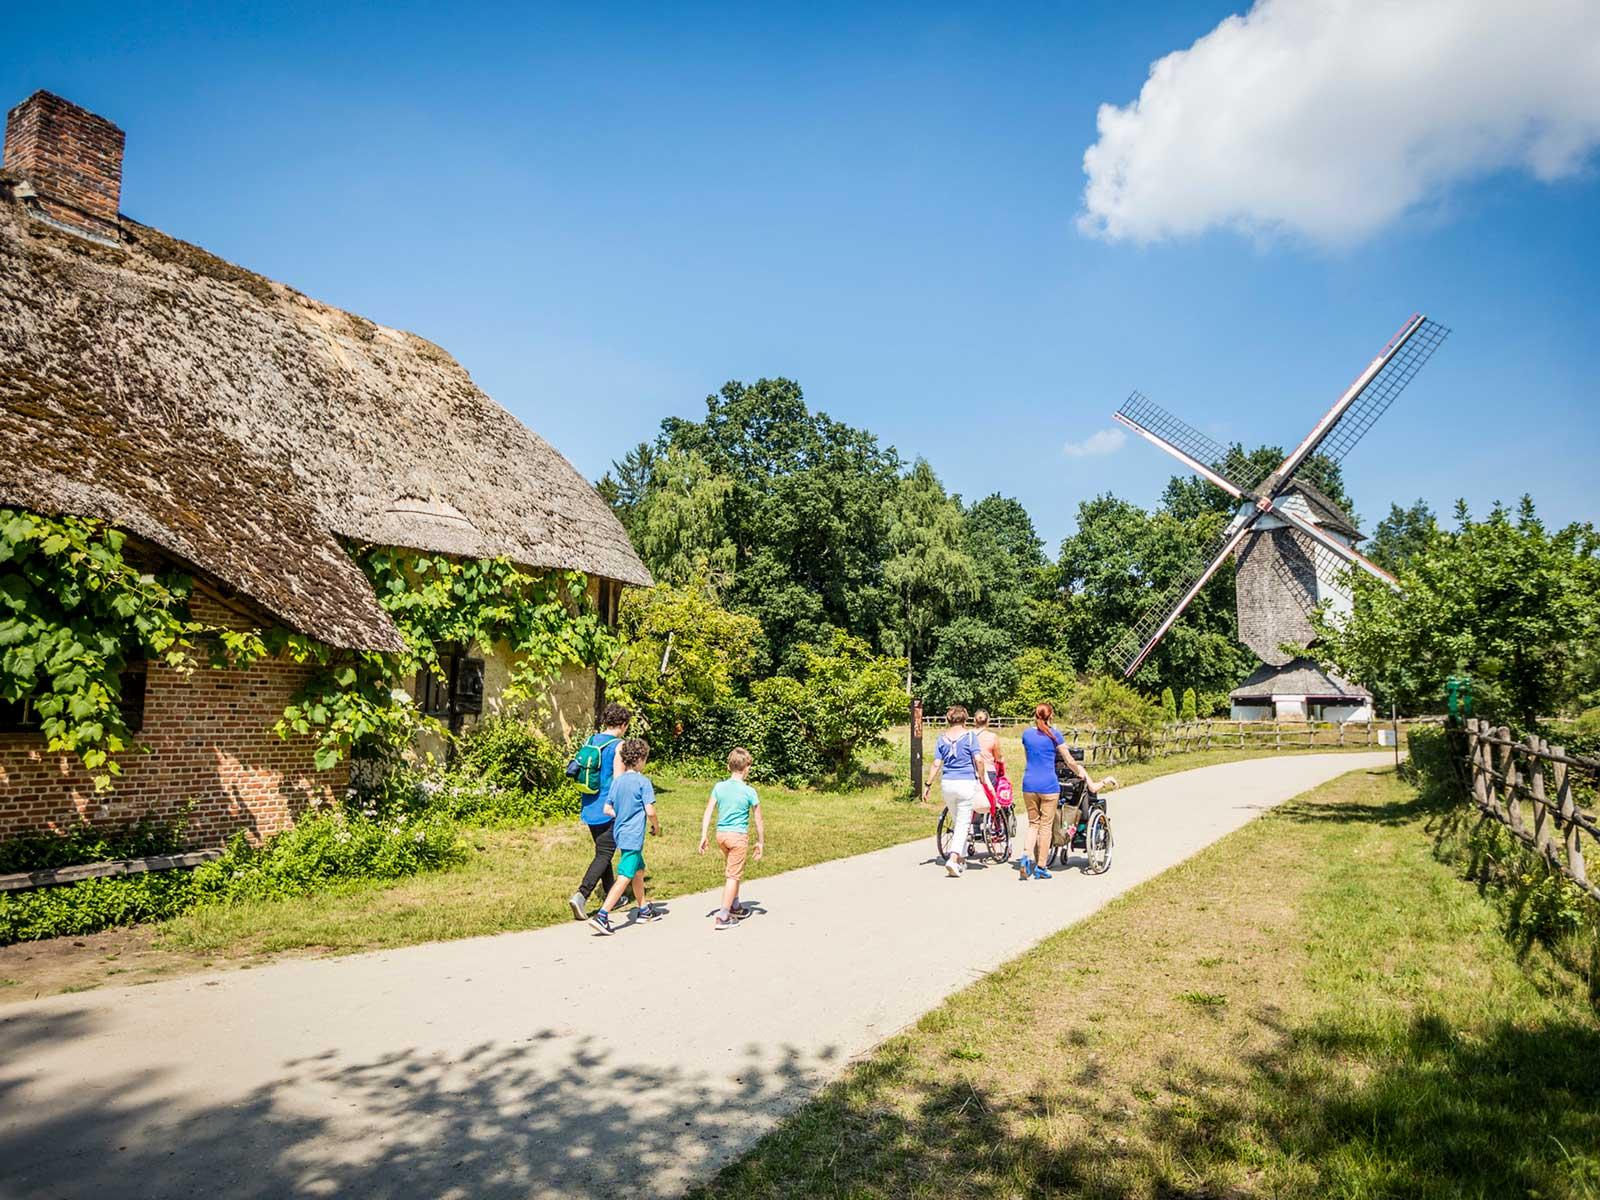 Friluftsmuseet i Bokrijk är ett skogs- och sjöområde på 550 hektar med 19 sjöar. Här finns möjlighet att se hur Belgien fungerade förr i tiden.